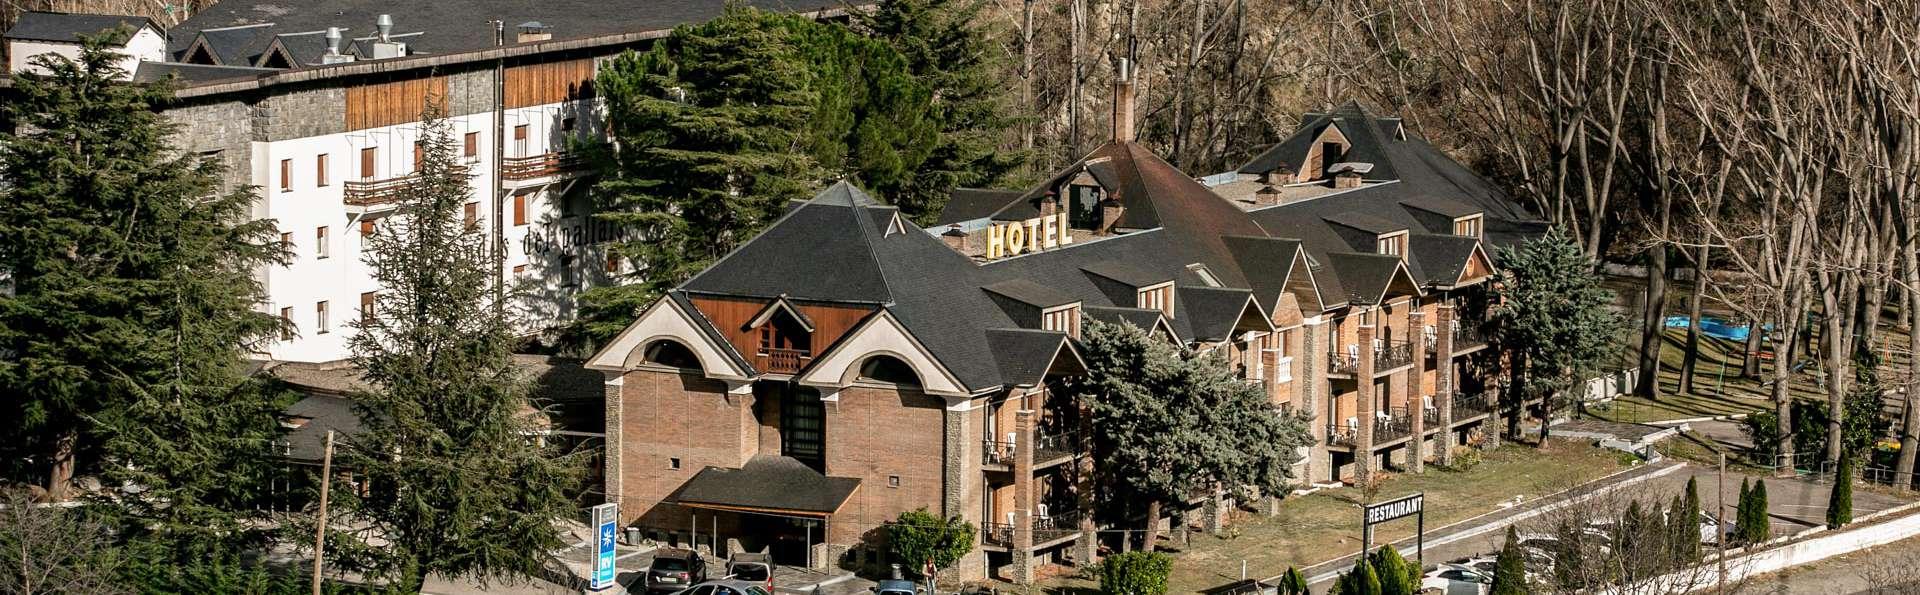 RVHotels Condes del Pallars - EDIT_FRONT_04.jpg